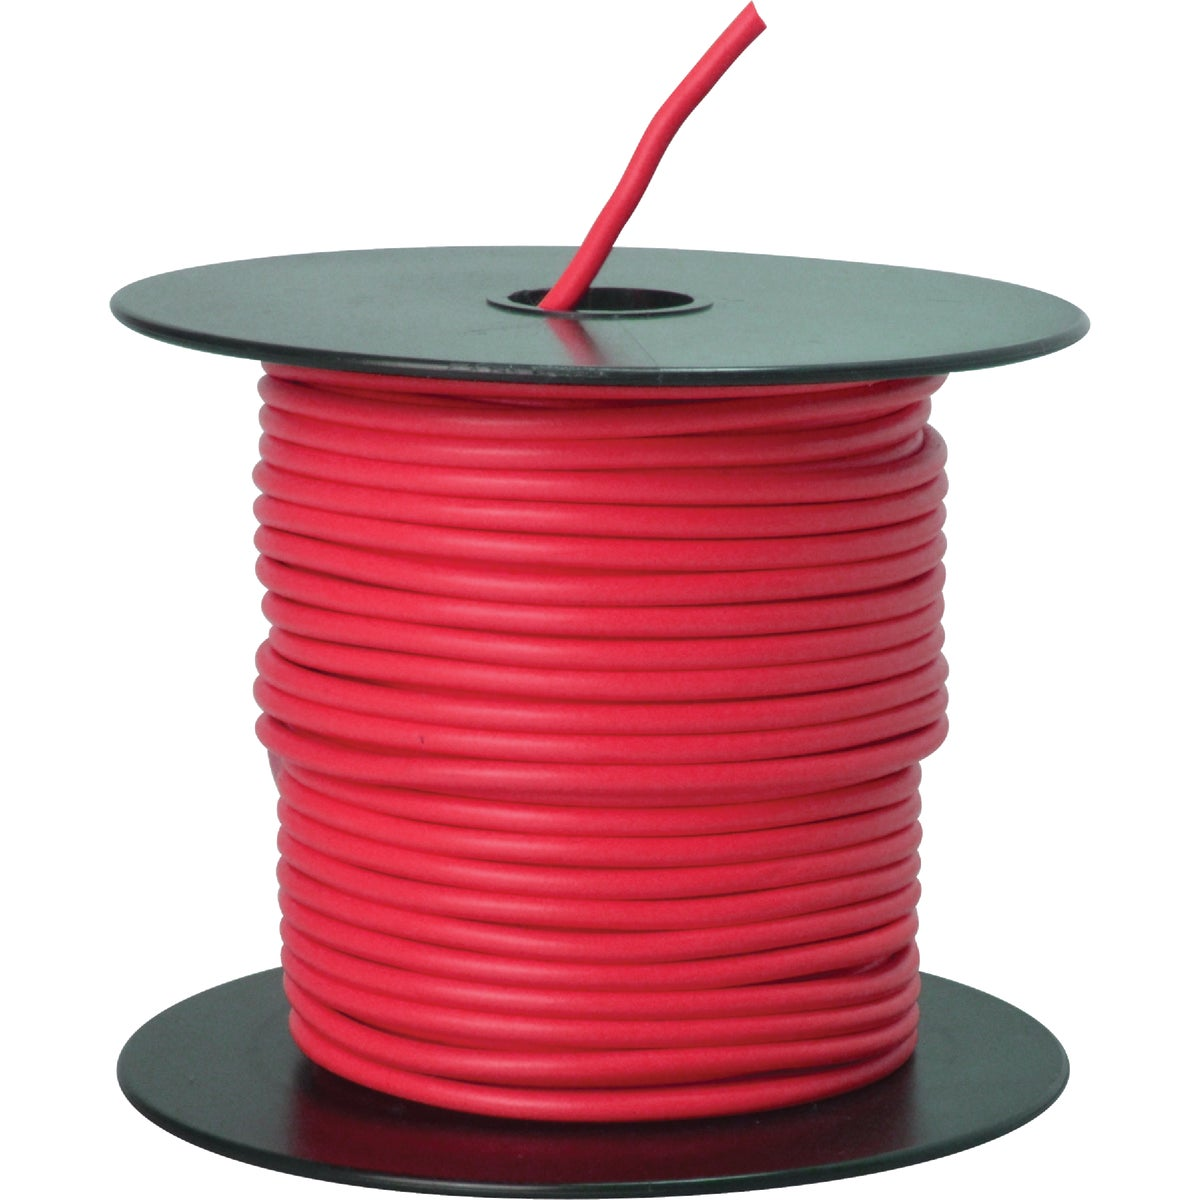 100' 14Ga Red Auto Wire